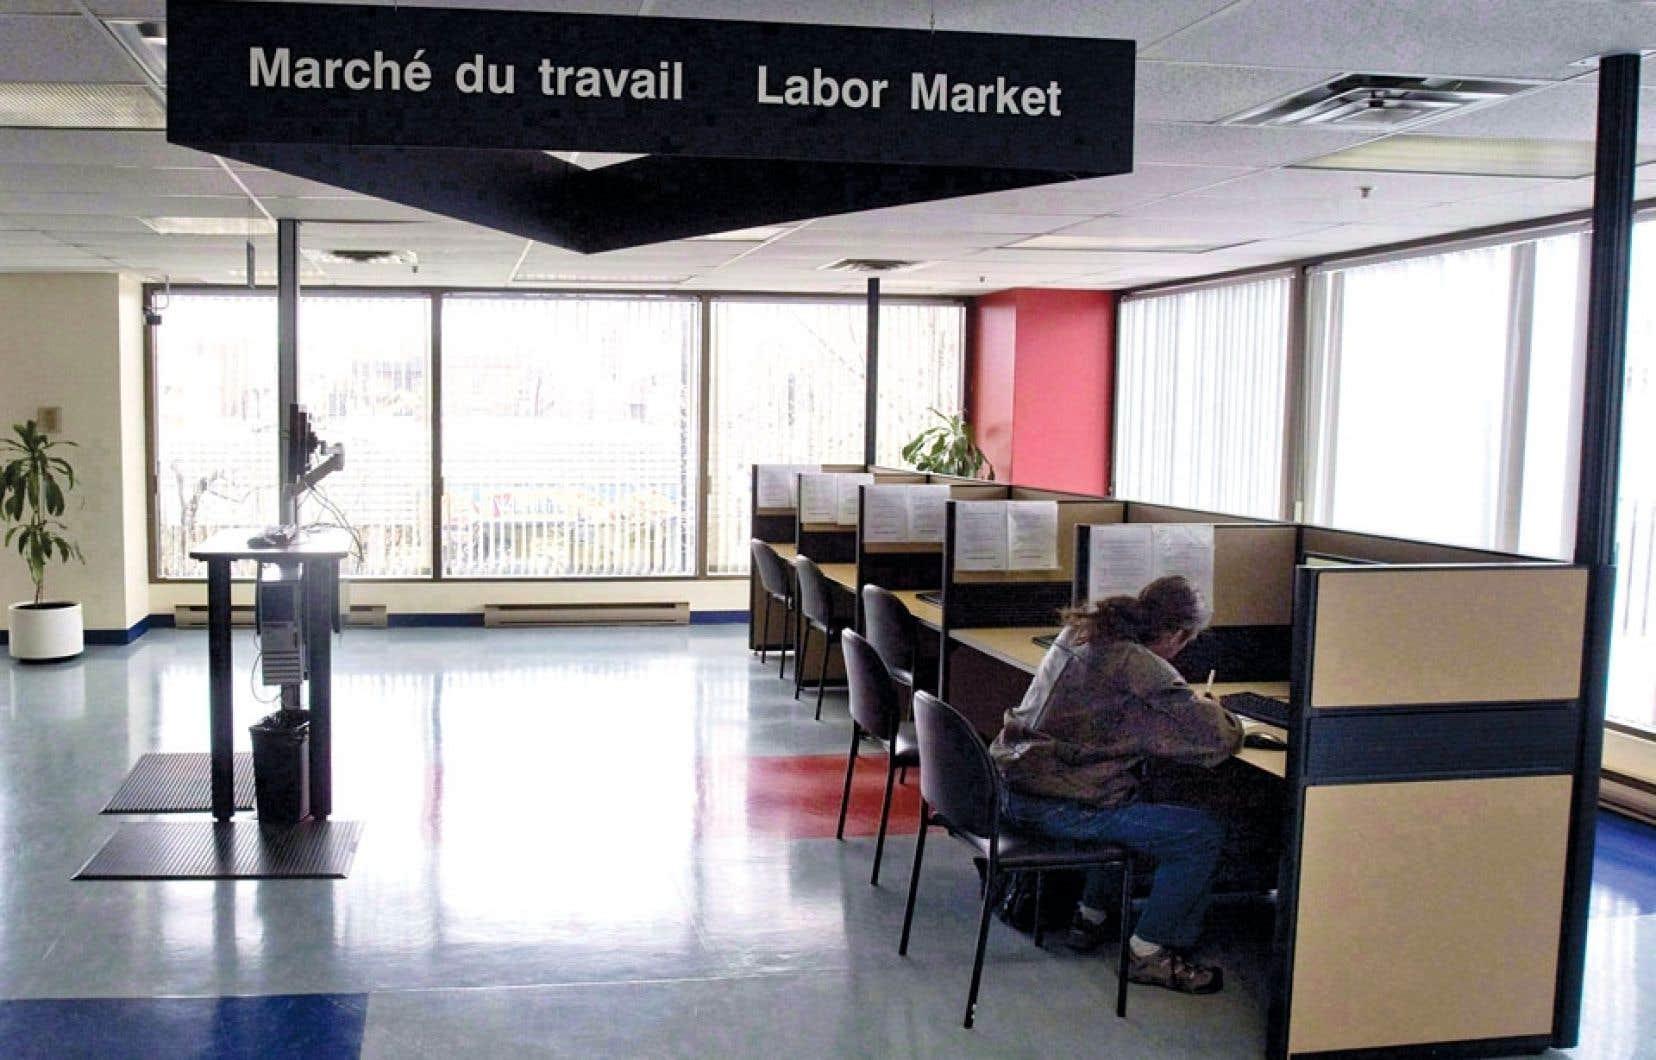 Sous le nouveau régime, après sept semaines de recherche, un prestataire fréquent devra accepter tout emploi offrant un salaire équivalant à au moins 70 % de son salaire précédent.